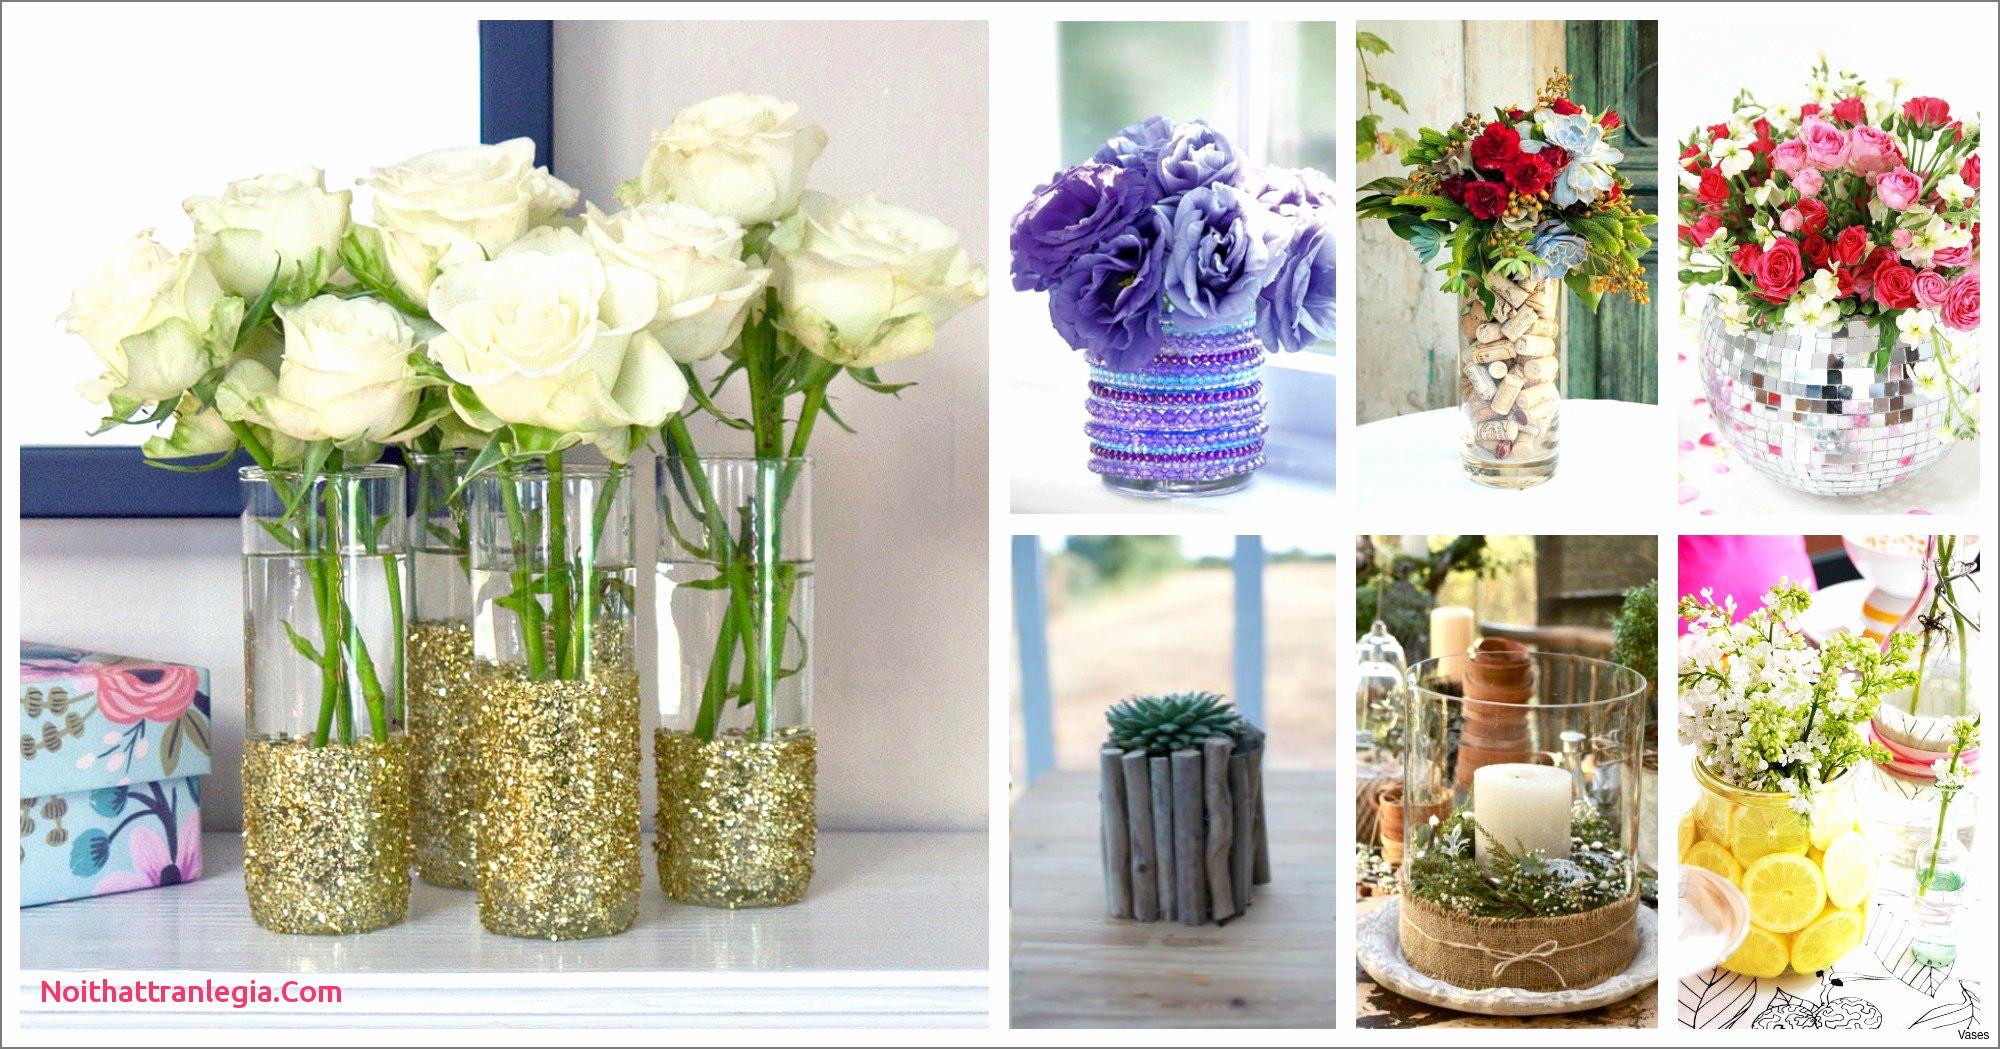 white bud vases bulk of 20 wedding vases noithattranlegia vases design intended for lovely cheap wedding rings square cut wedding rings dsc h vases square centerpiece dsc i 0d